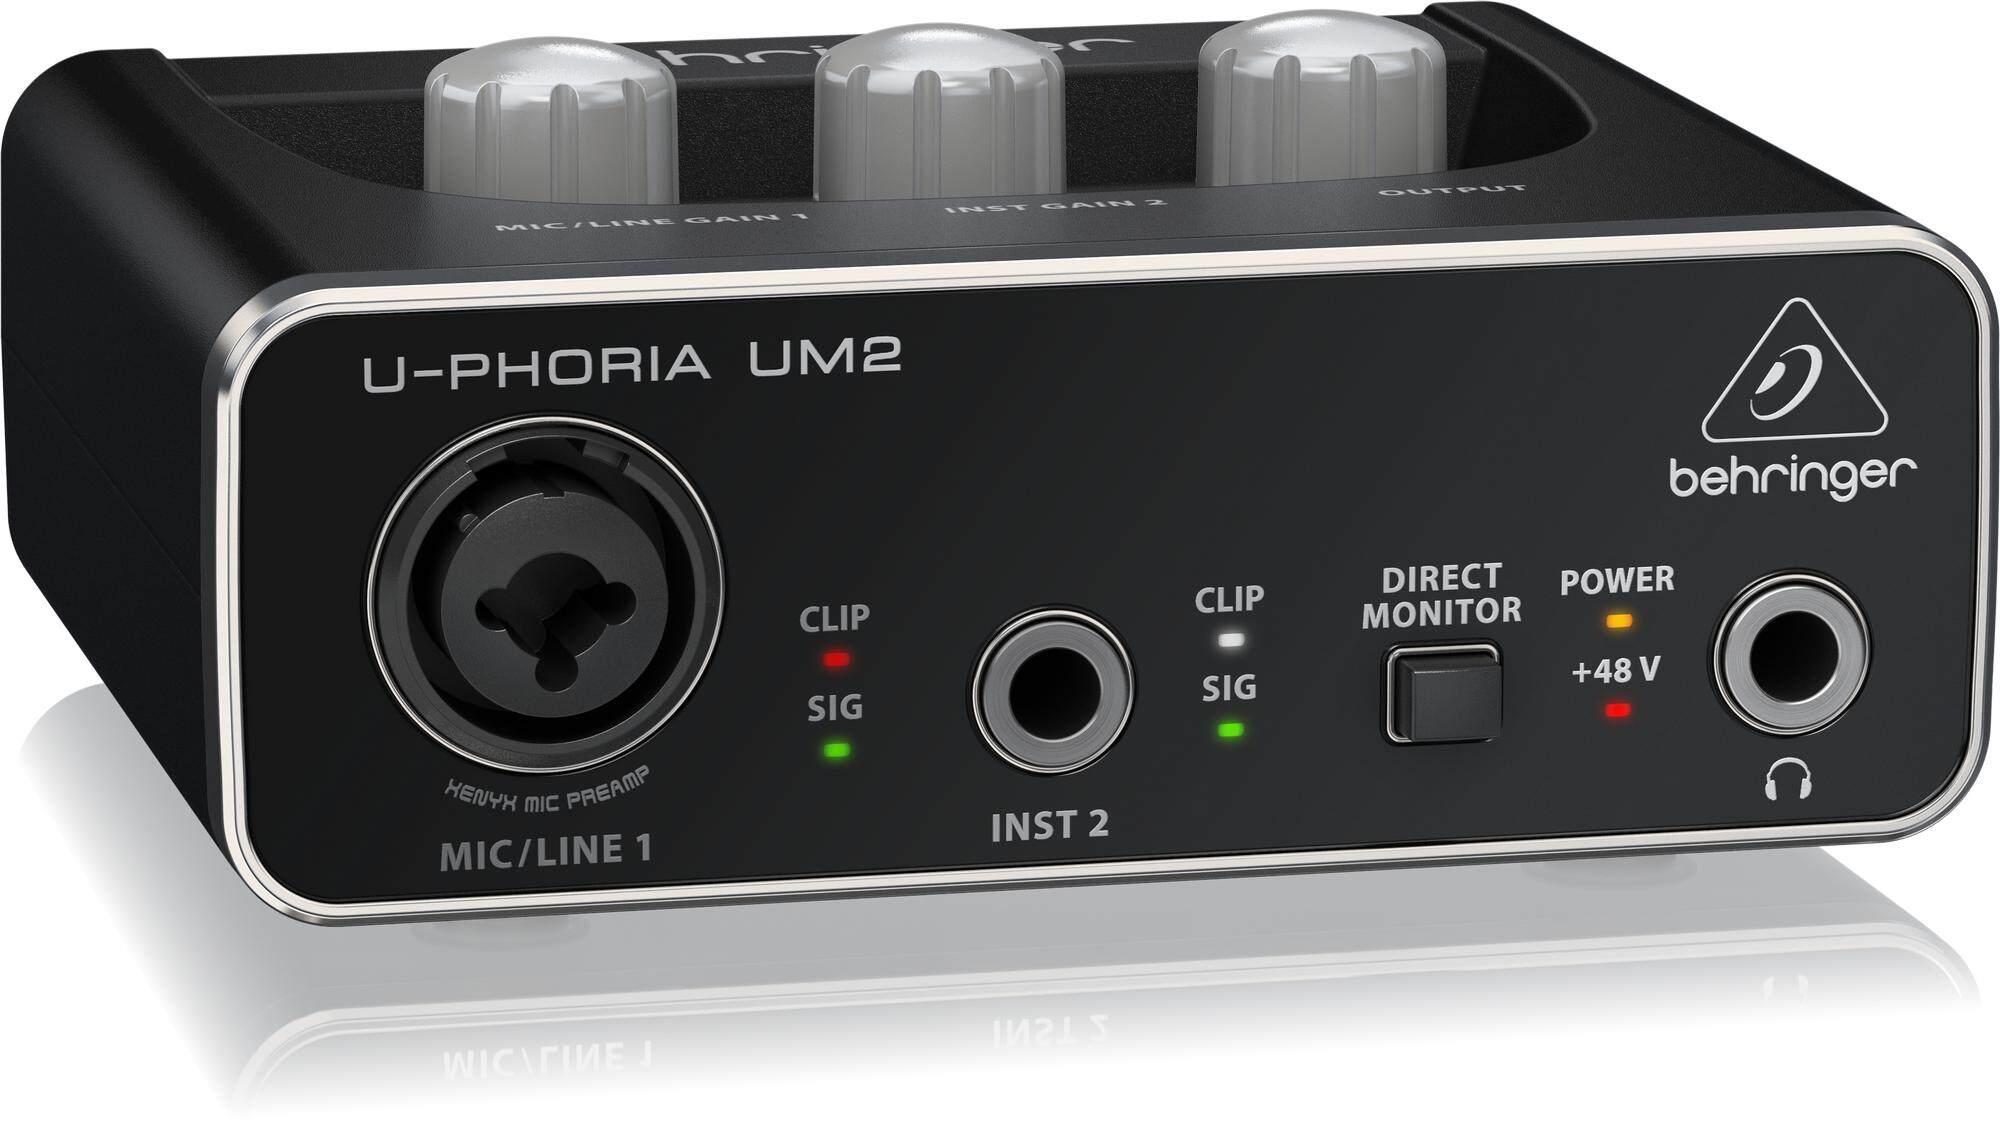 Behringer UM2 side view. Buy UM2 (UM-2) 2x2 USB Audio Interface from AV Electronics Marketing